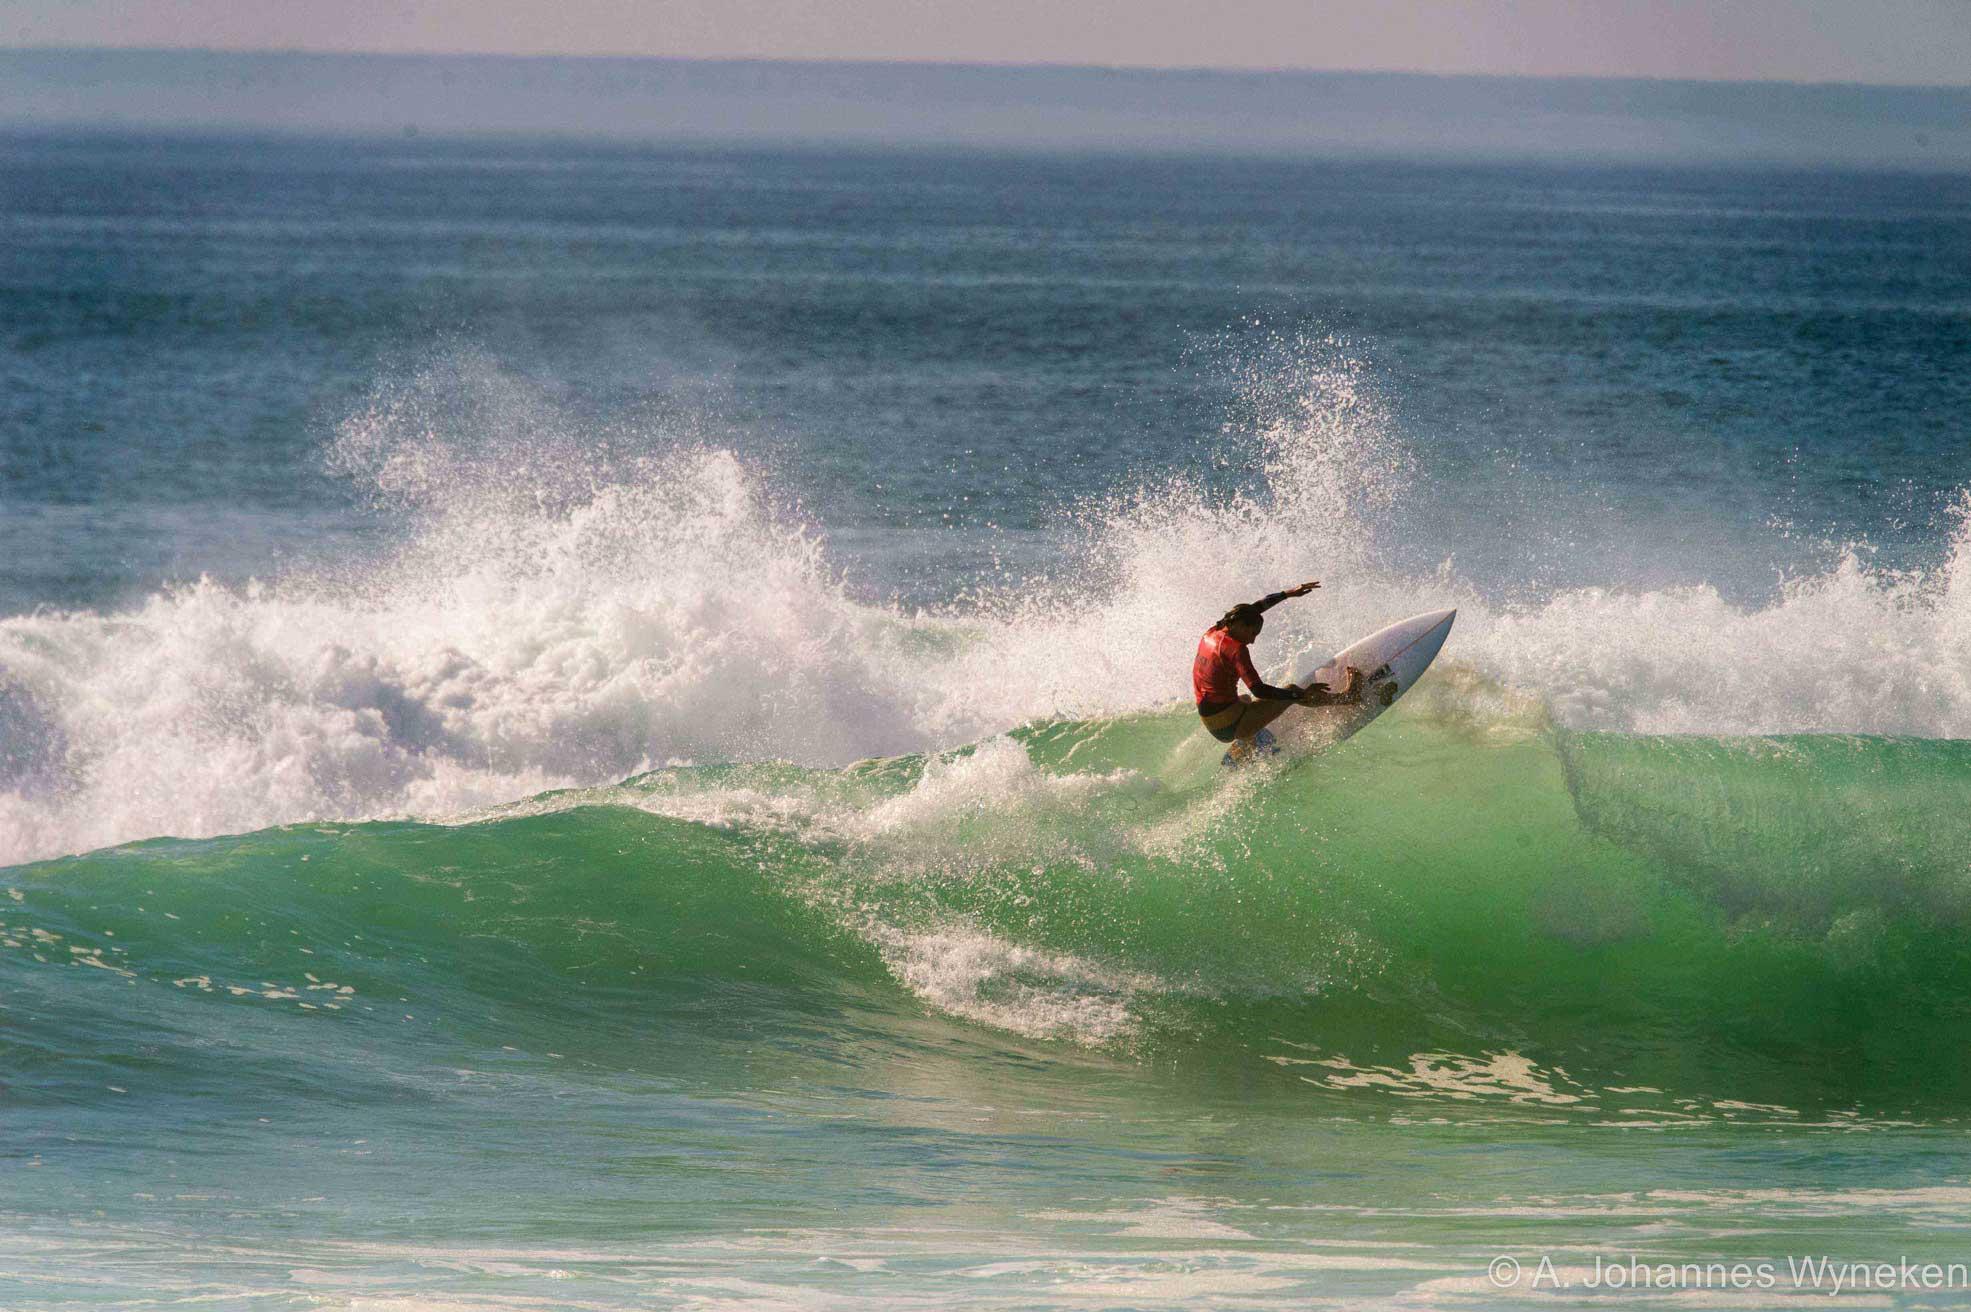 Im Finalheat der Frauen dominierte, wie bereits in den Vorrunden, die in Kalifornien lebende Francesca Harrer (die gerade ihre deutsche Abstammung wieder entdeckt hat) mit einem Score von 14.00 Punkten. Sie schafft es trotz kleiner Sections viel Speed aufzubauen und das Maximum aus den Wellen herauszuholen. Mit ihrer Contesterfahrung (aktuell 55. der Qualifier Series der WSL-Tour) und einem smoothen, aber radikalen Surfstyle setzt sie in dieser Klasse die Messlatte hoch. Ihr folgen Catalina Hotz auf Platz 2 (7.70), Valeska Schneider (7.56) und Nicole Gerland (7.33).